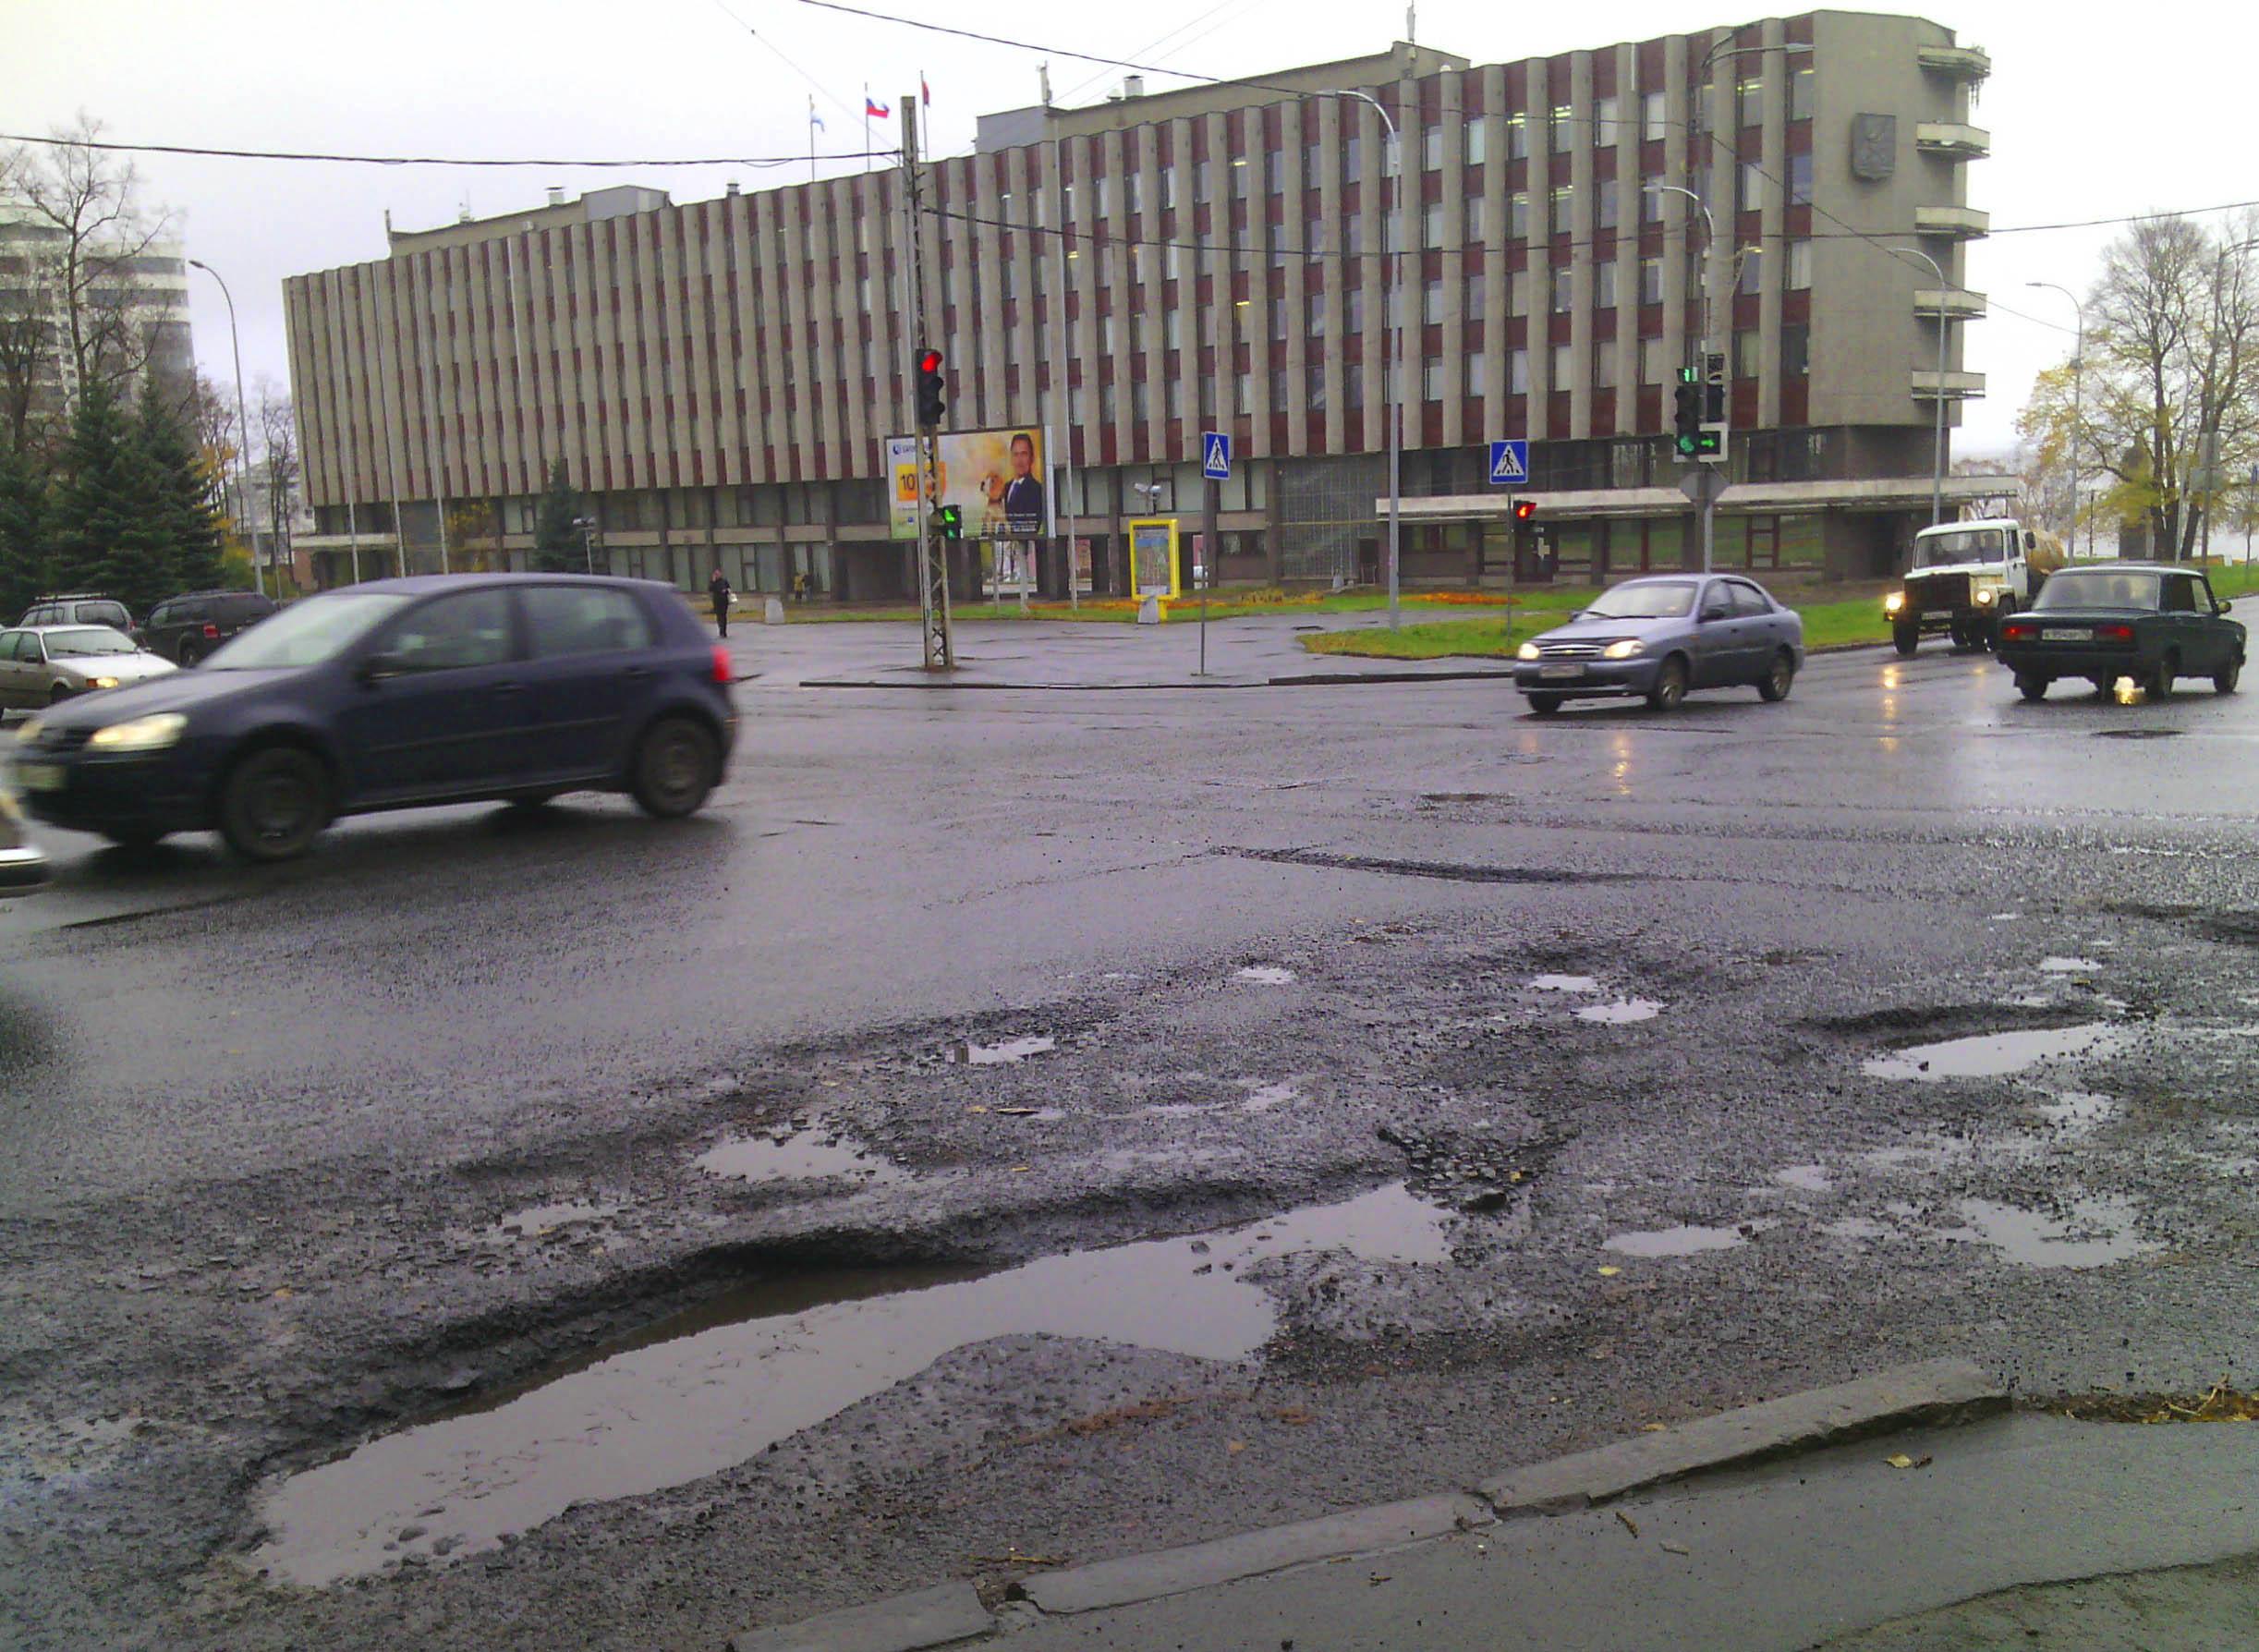 Дорожные ямы на проспекте Ленина у здания городской администрации Петрозаводска. Фото: Валерий Поташов